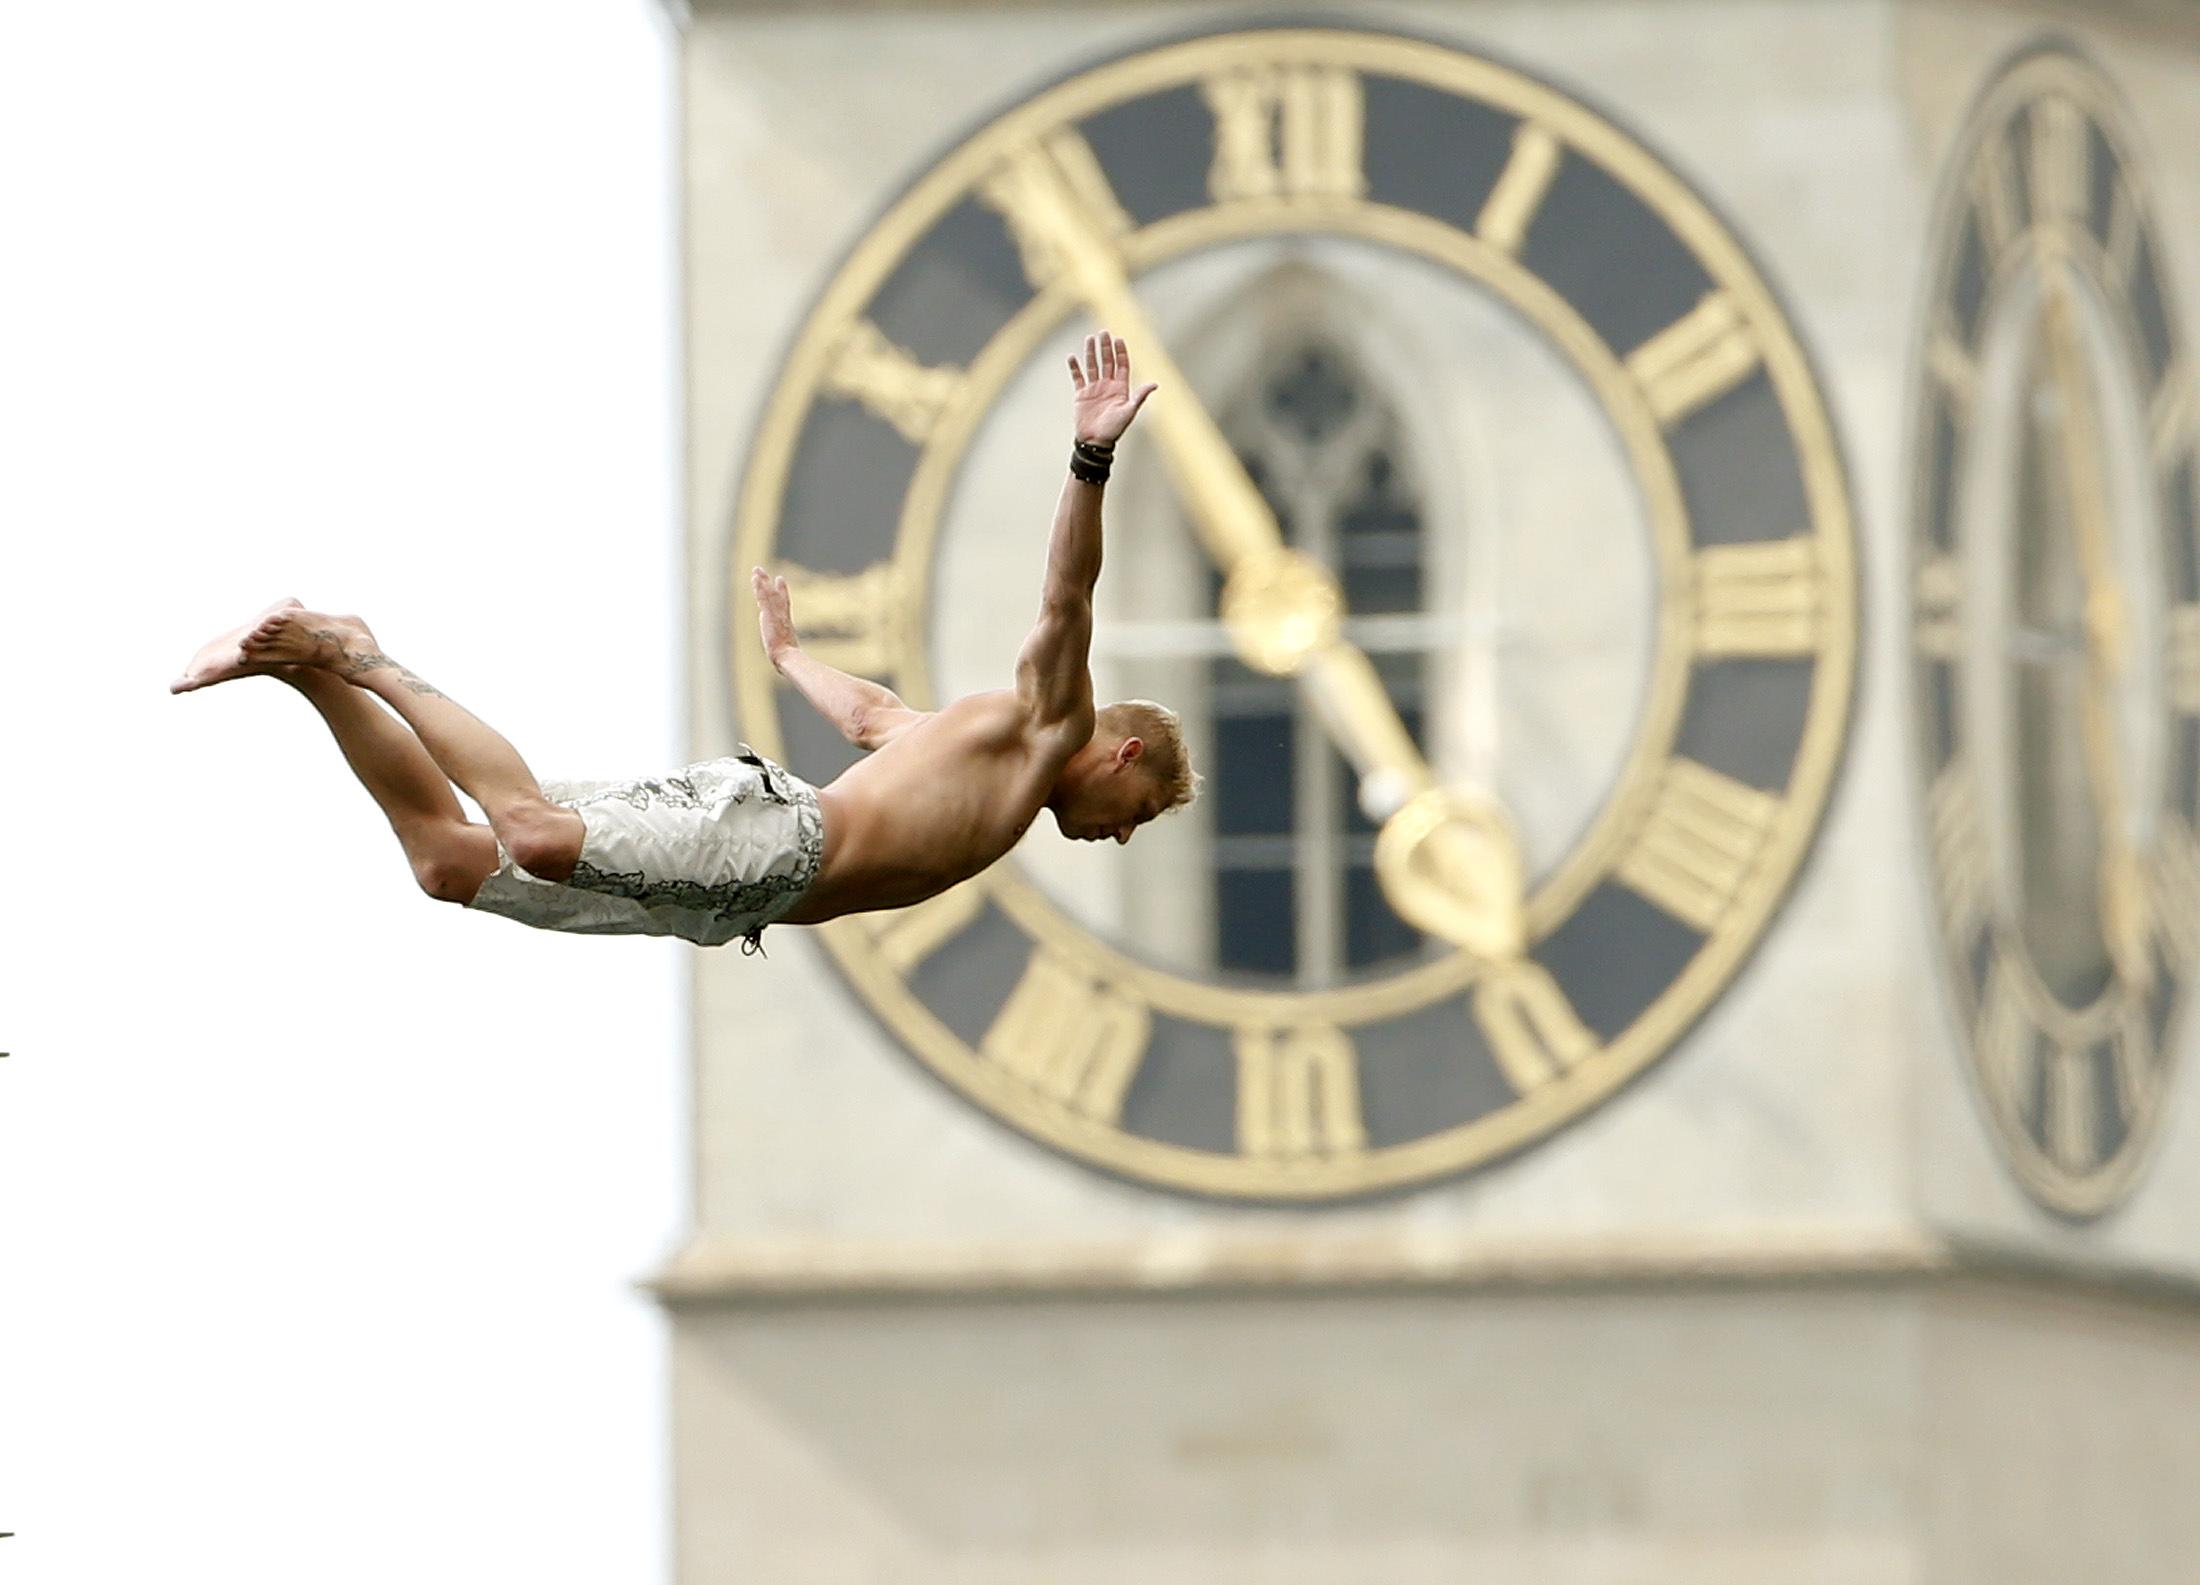 SUÍÇA, 25.7.2013. Um salto de uma plataforma de 10m para o lago Zurique, em Zurique, com a torre do relógio da igreja de S. Pedro ao fundo